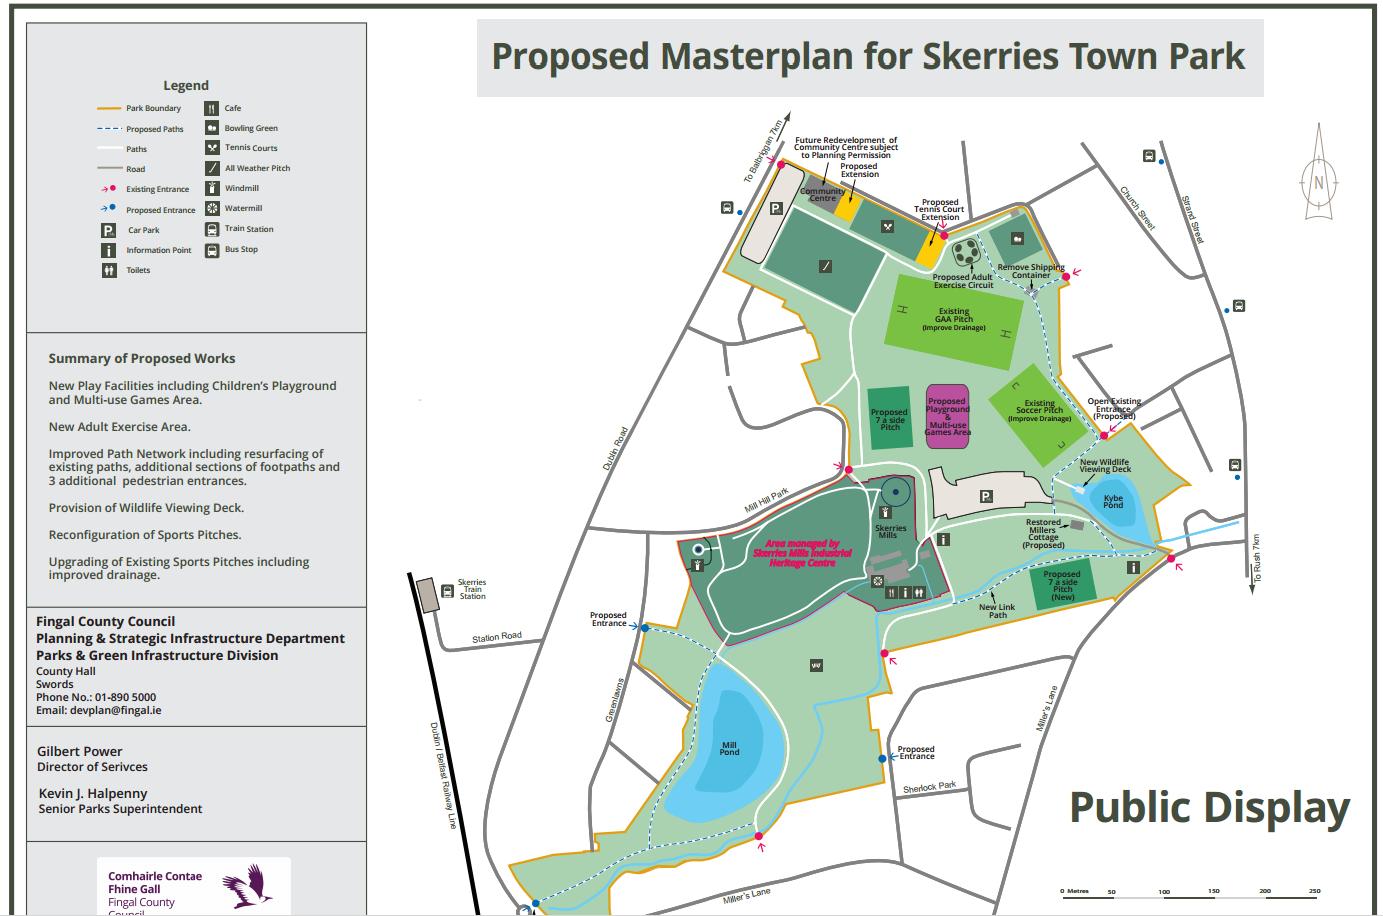 Skerries Town Park Masterplan